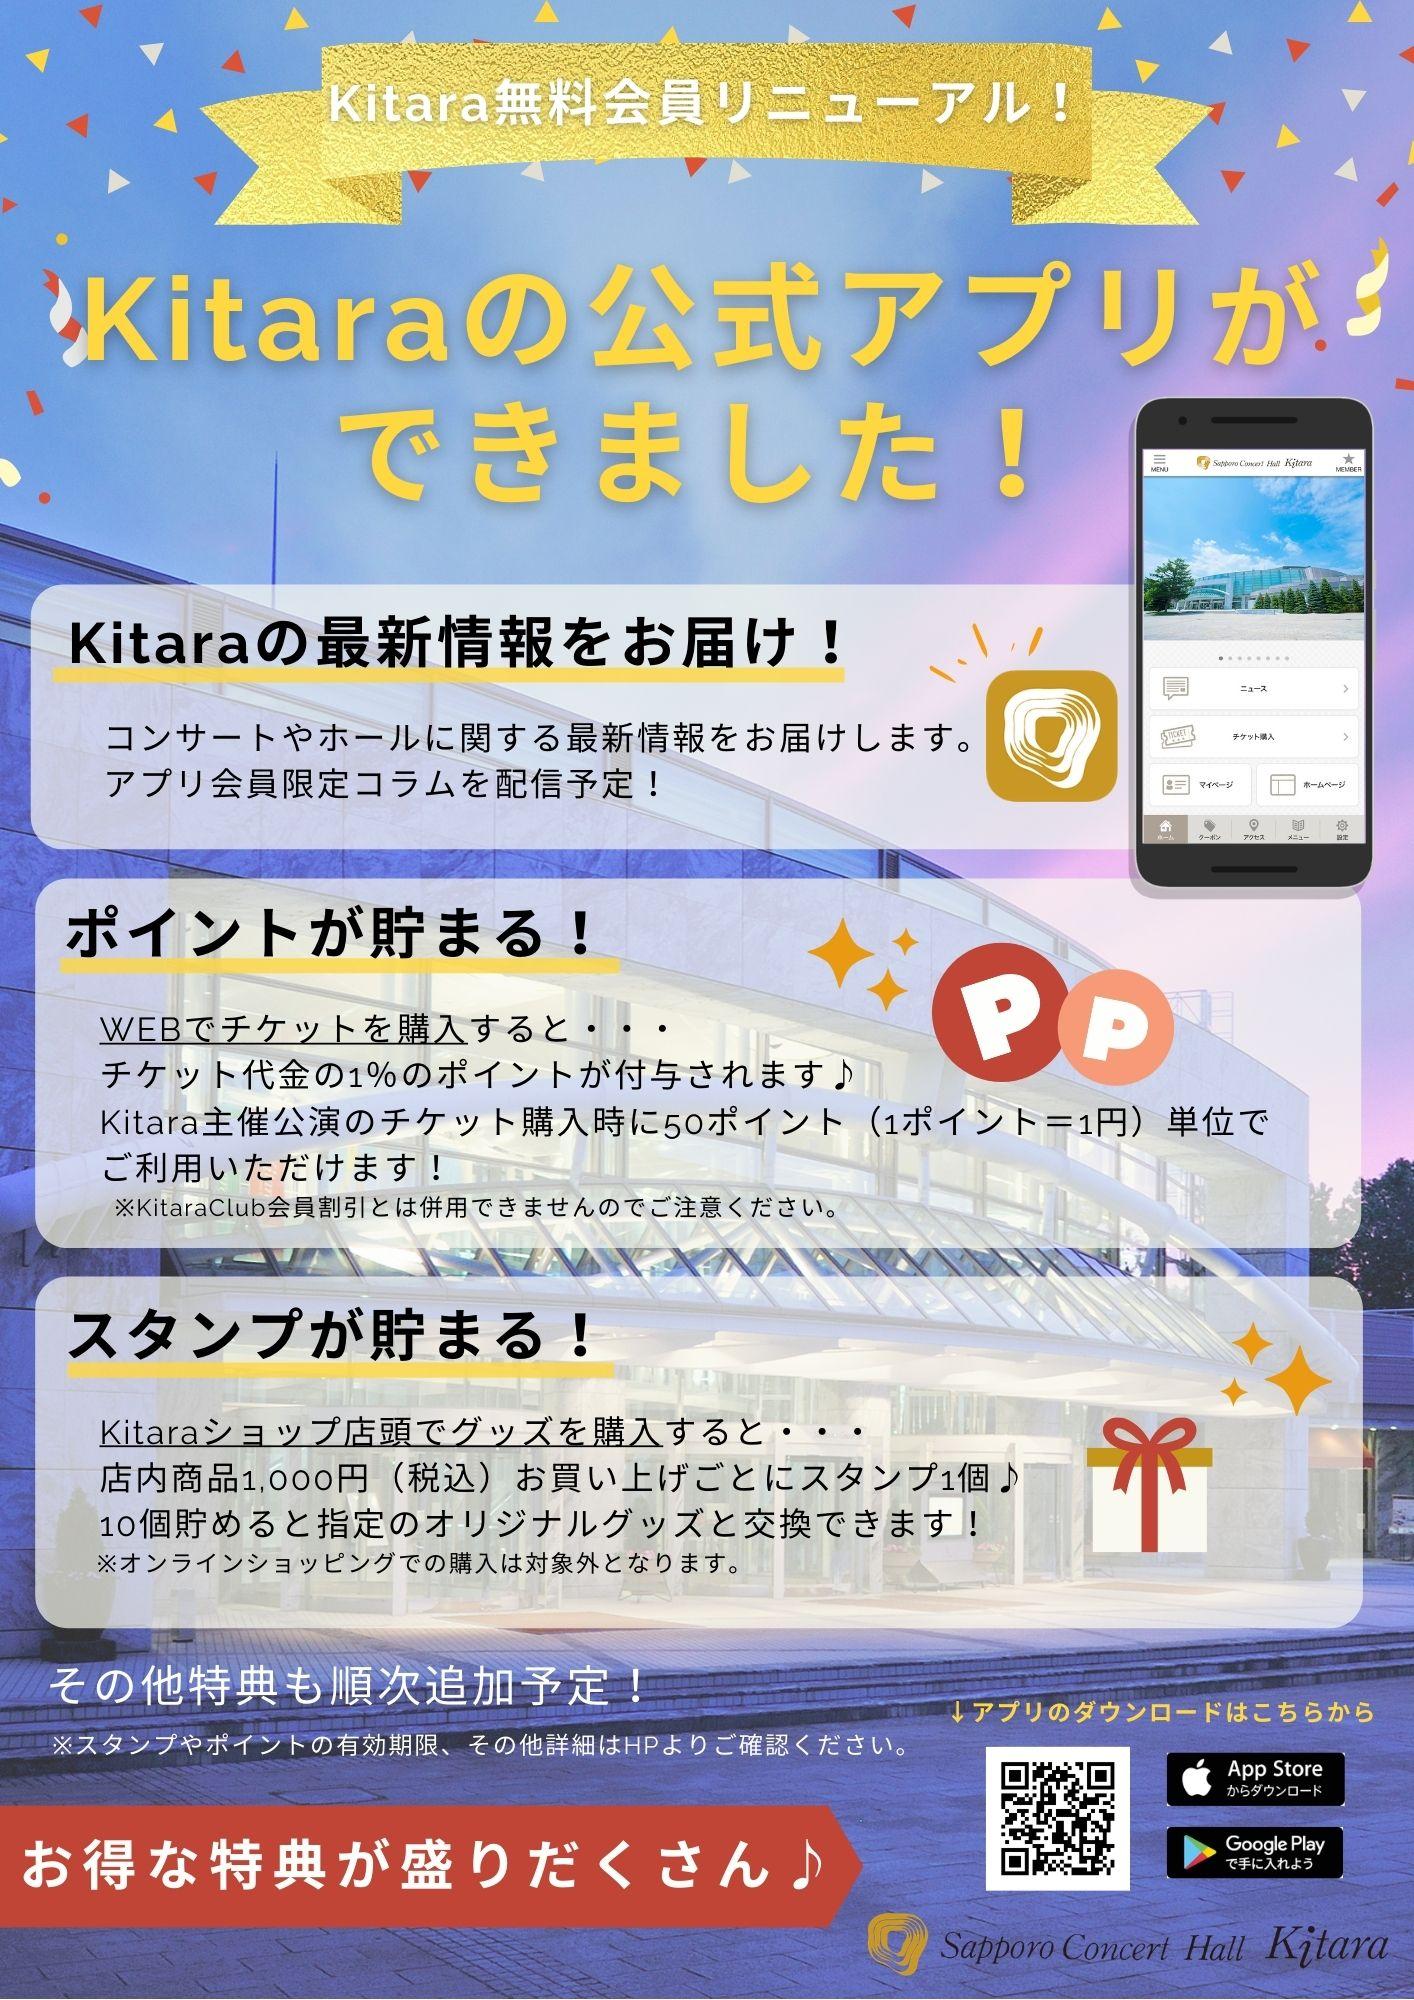 札幌コンサートホールKitaraの公式アプリ(登録無料)ができました!イメージ画像1